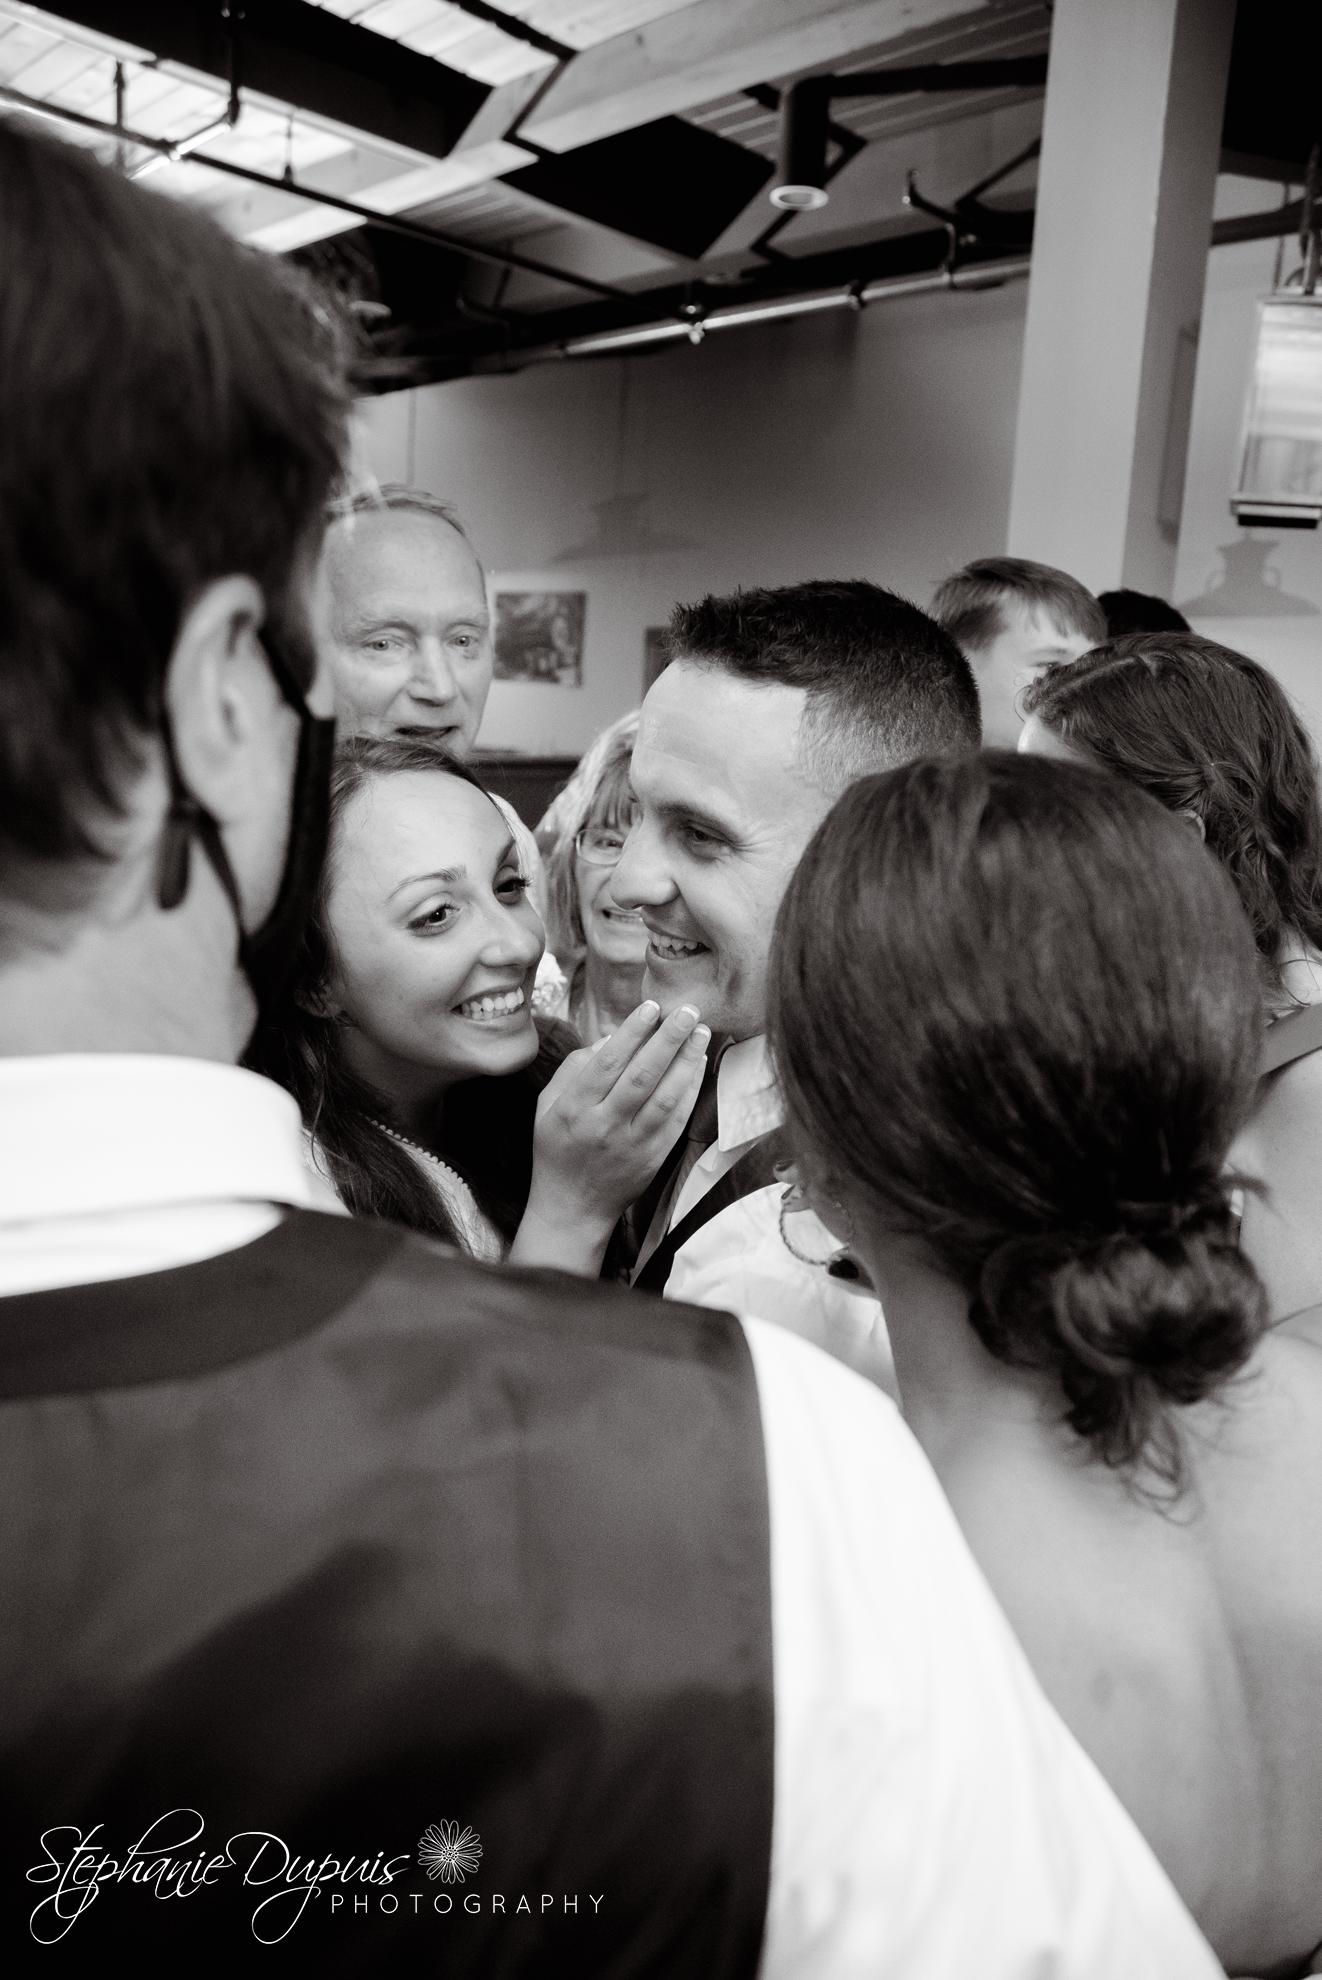 White Mountains Wedding Photographer 9 1 - Portfolio: Harper Wedding